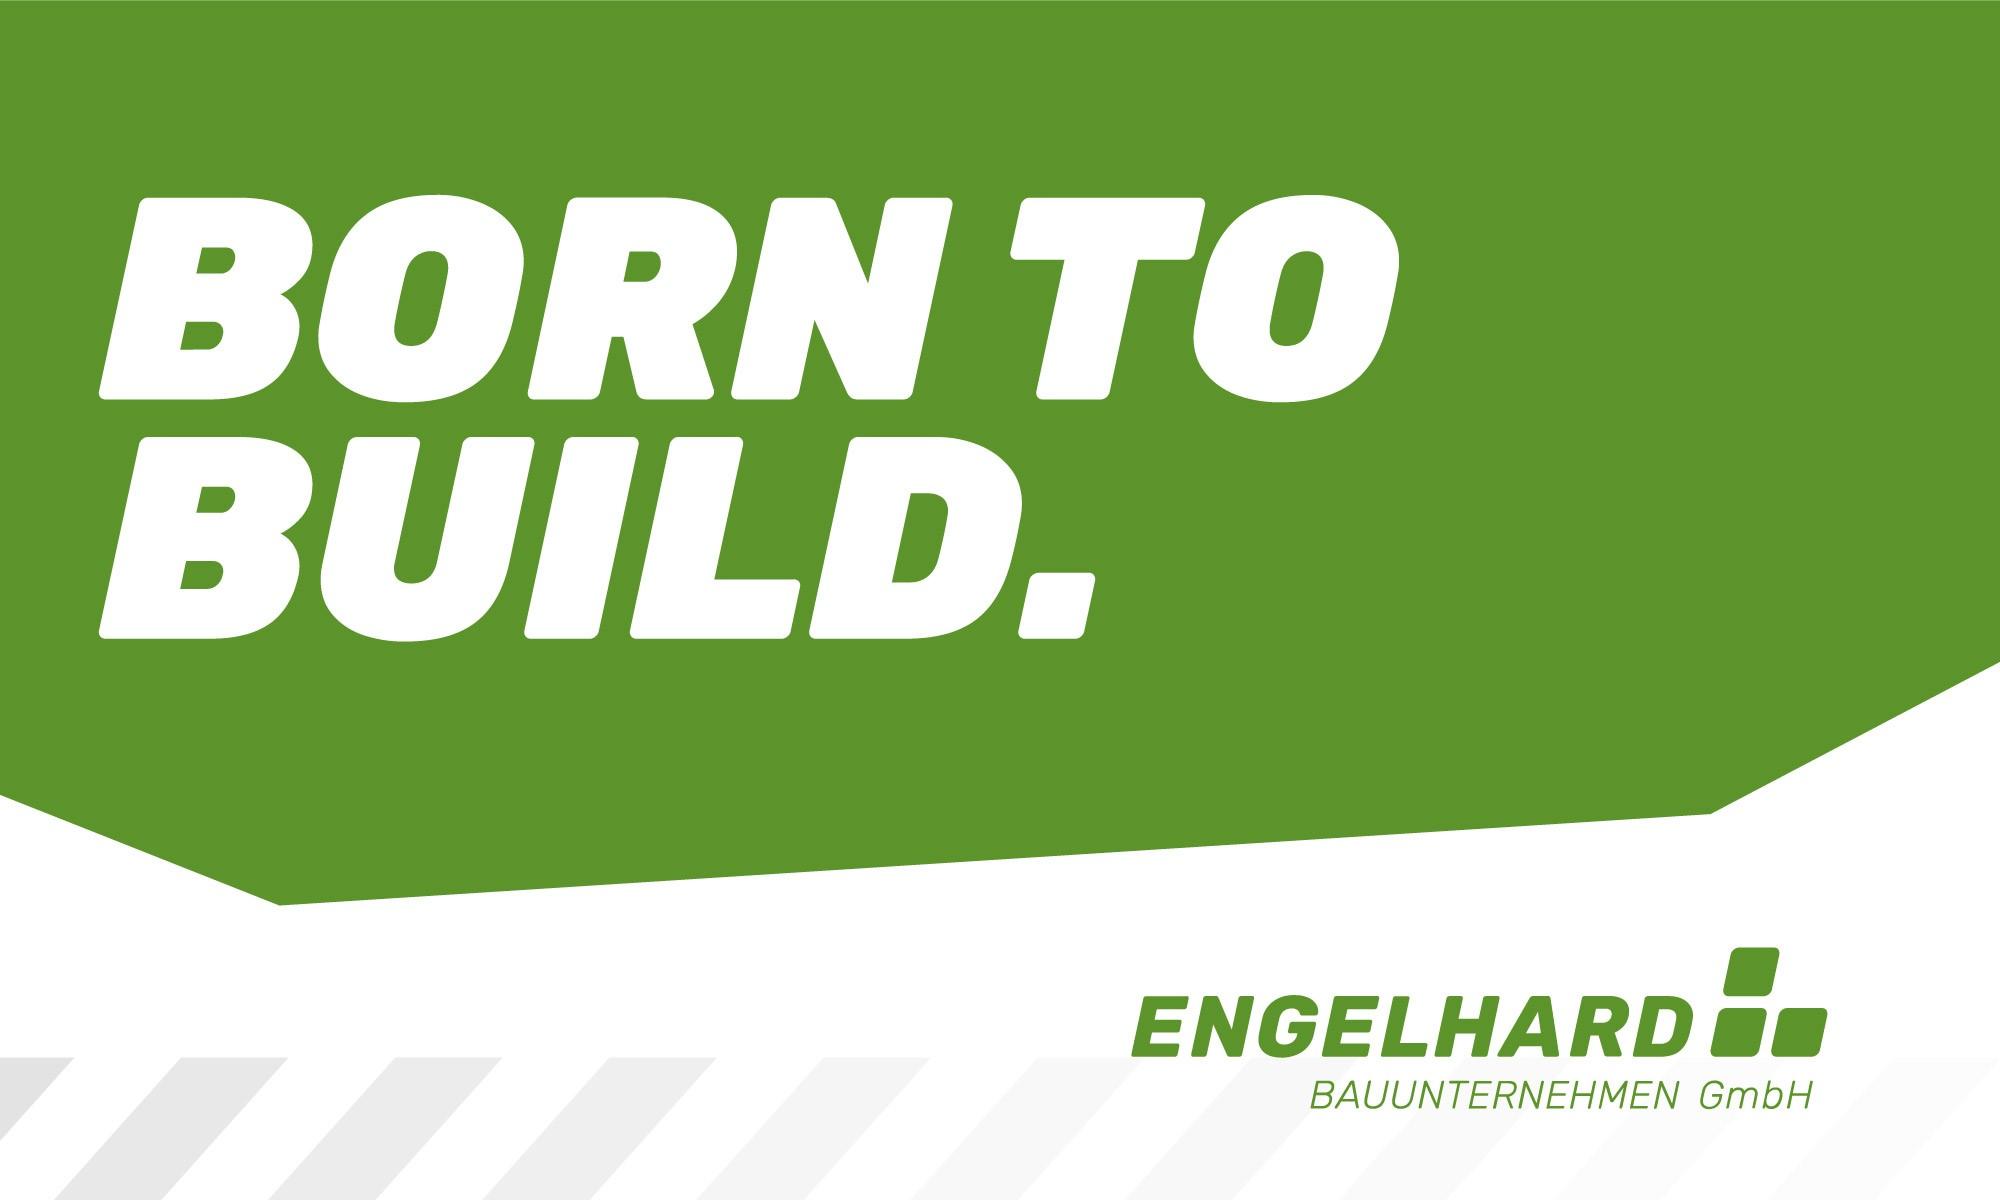 Bauunternehmen Engelhard